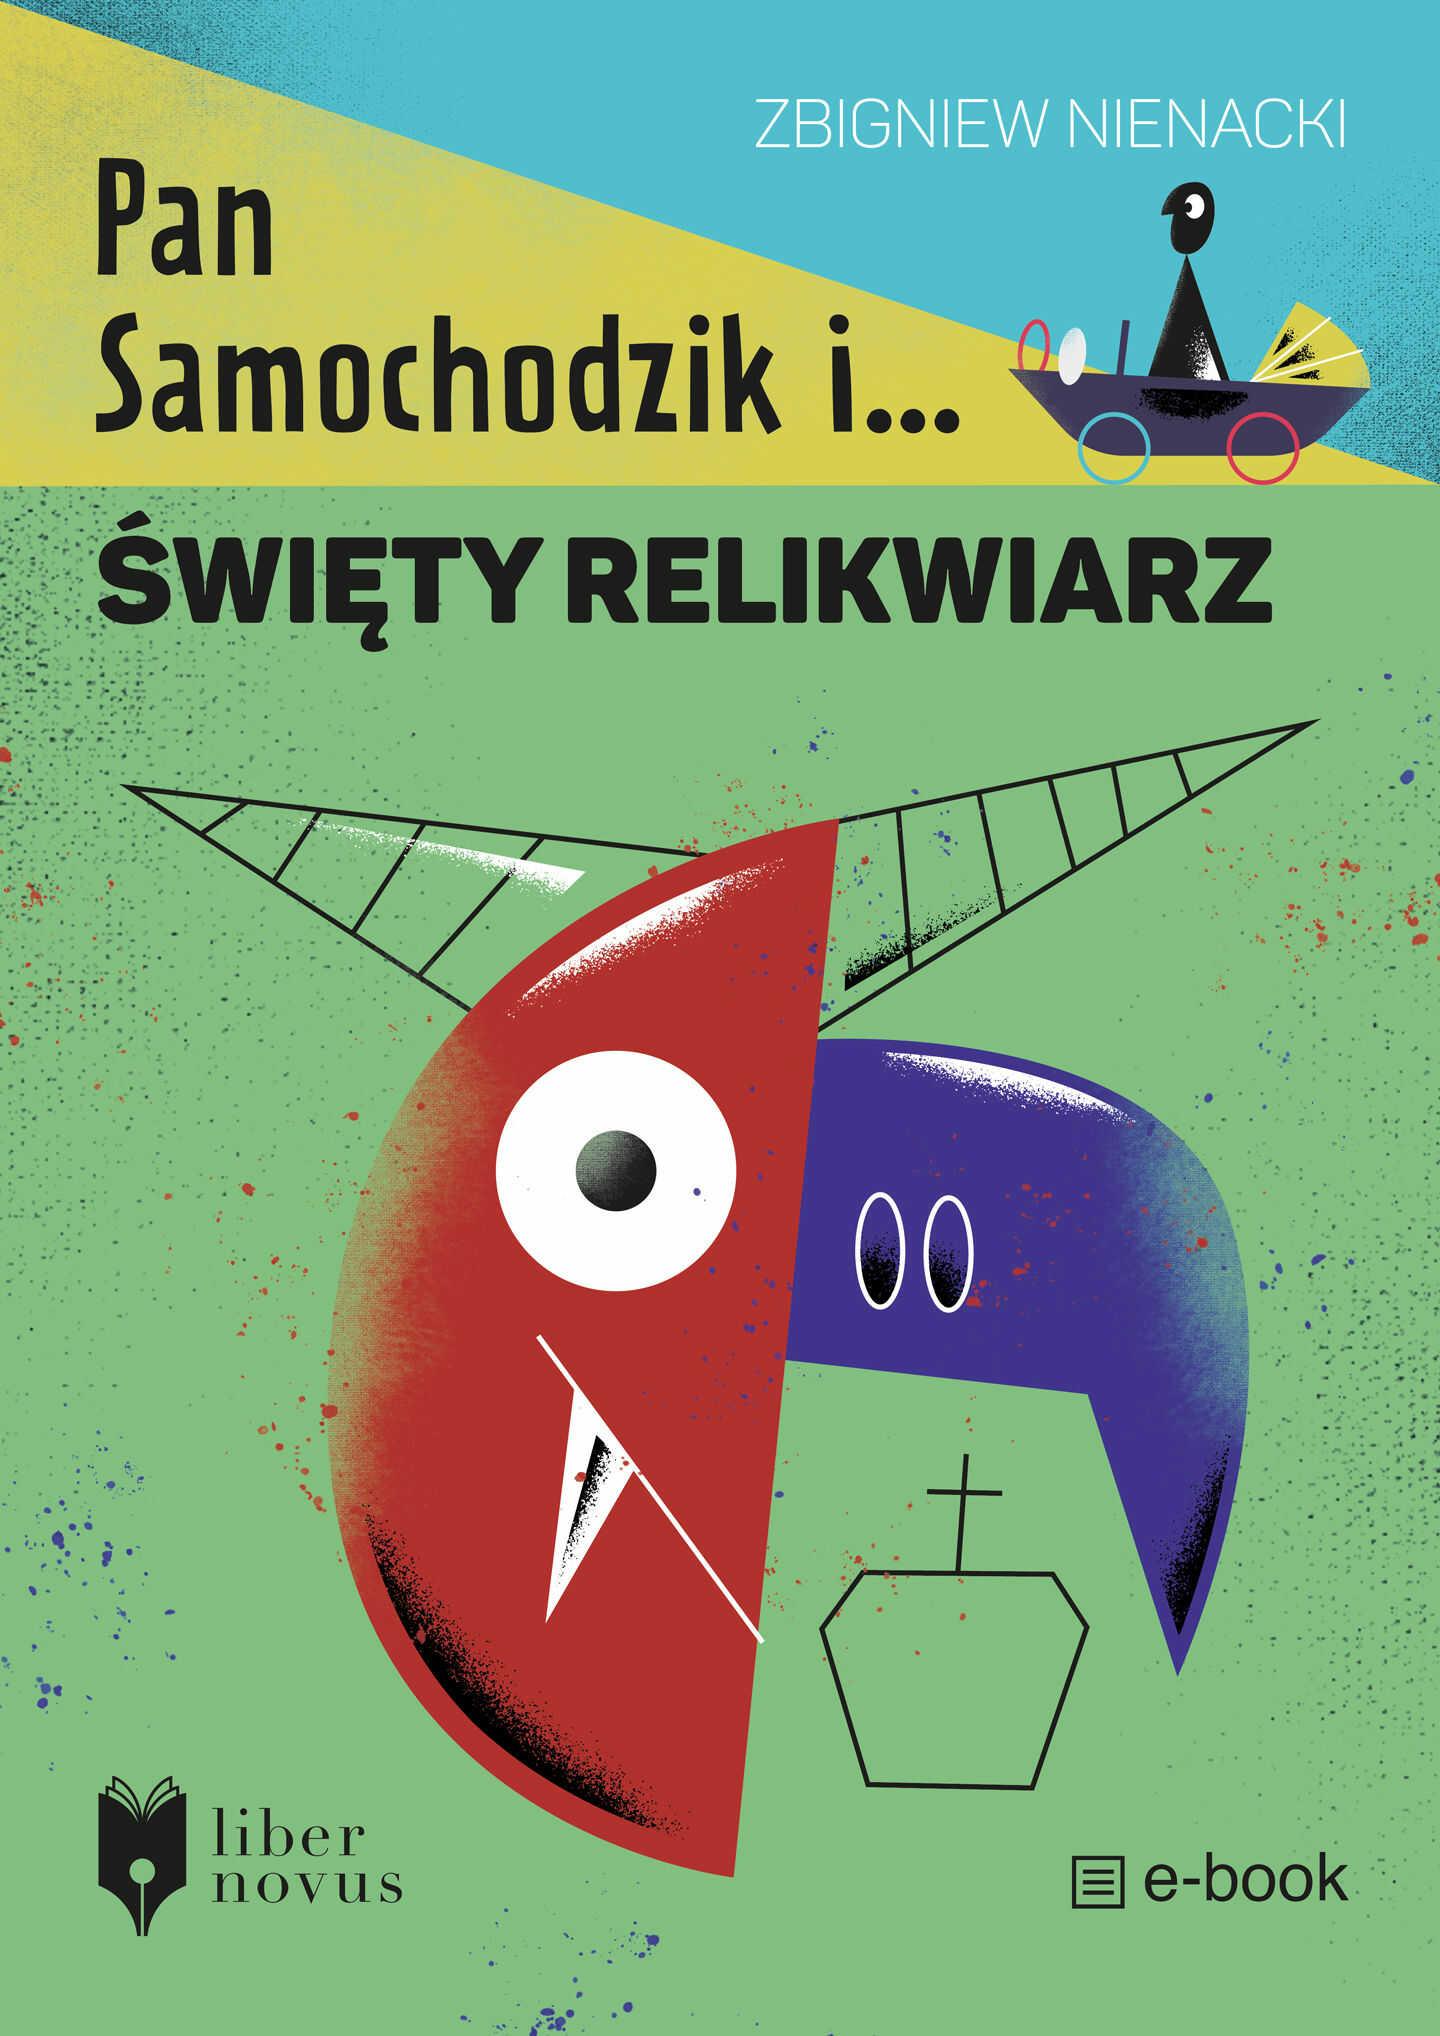 Pan Samochodzik i święty relikwiarz - Zbigniew Nienacki - ebook